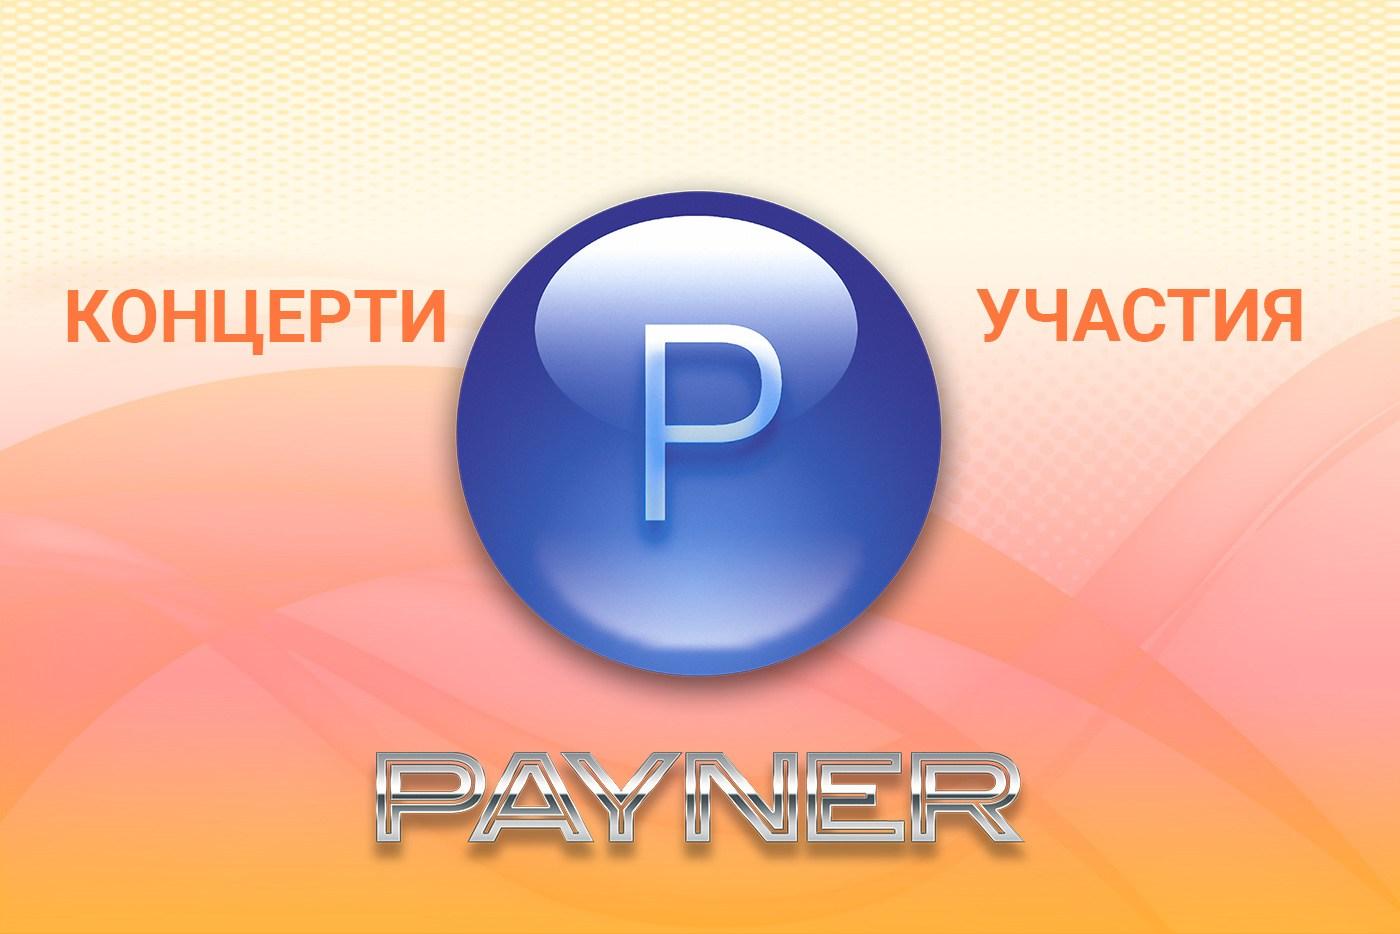 """Участия на звездите на """"Пайнер"""" на 19.10.2018"""